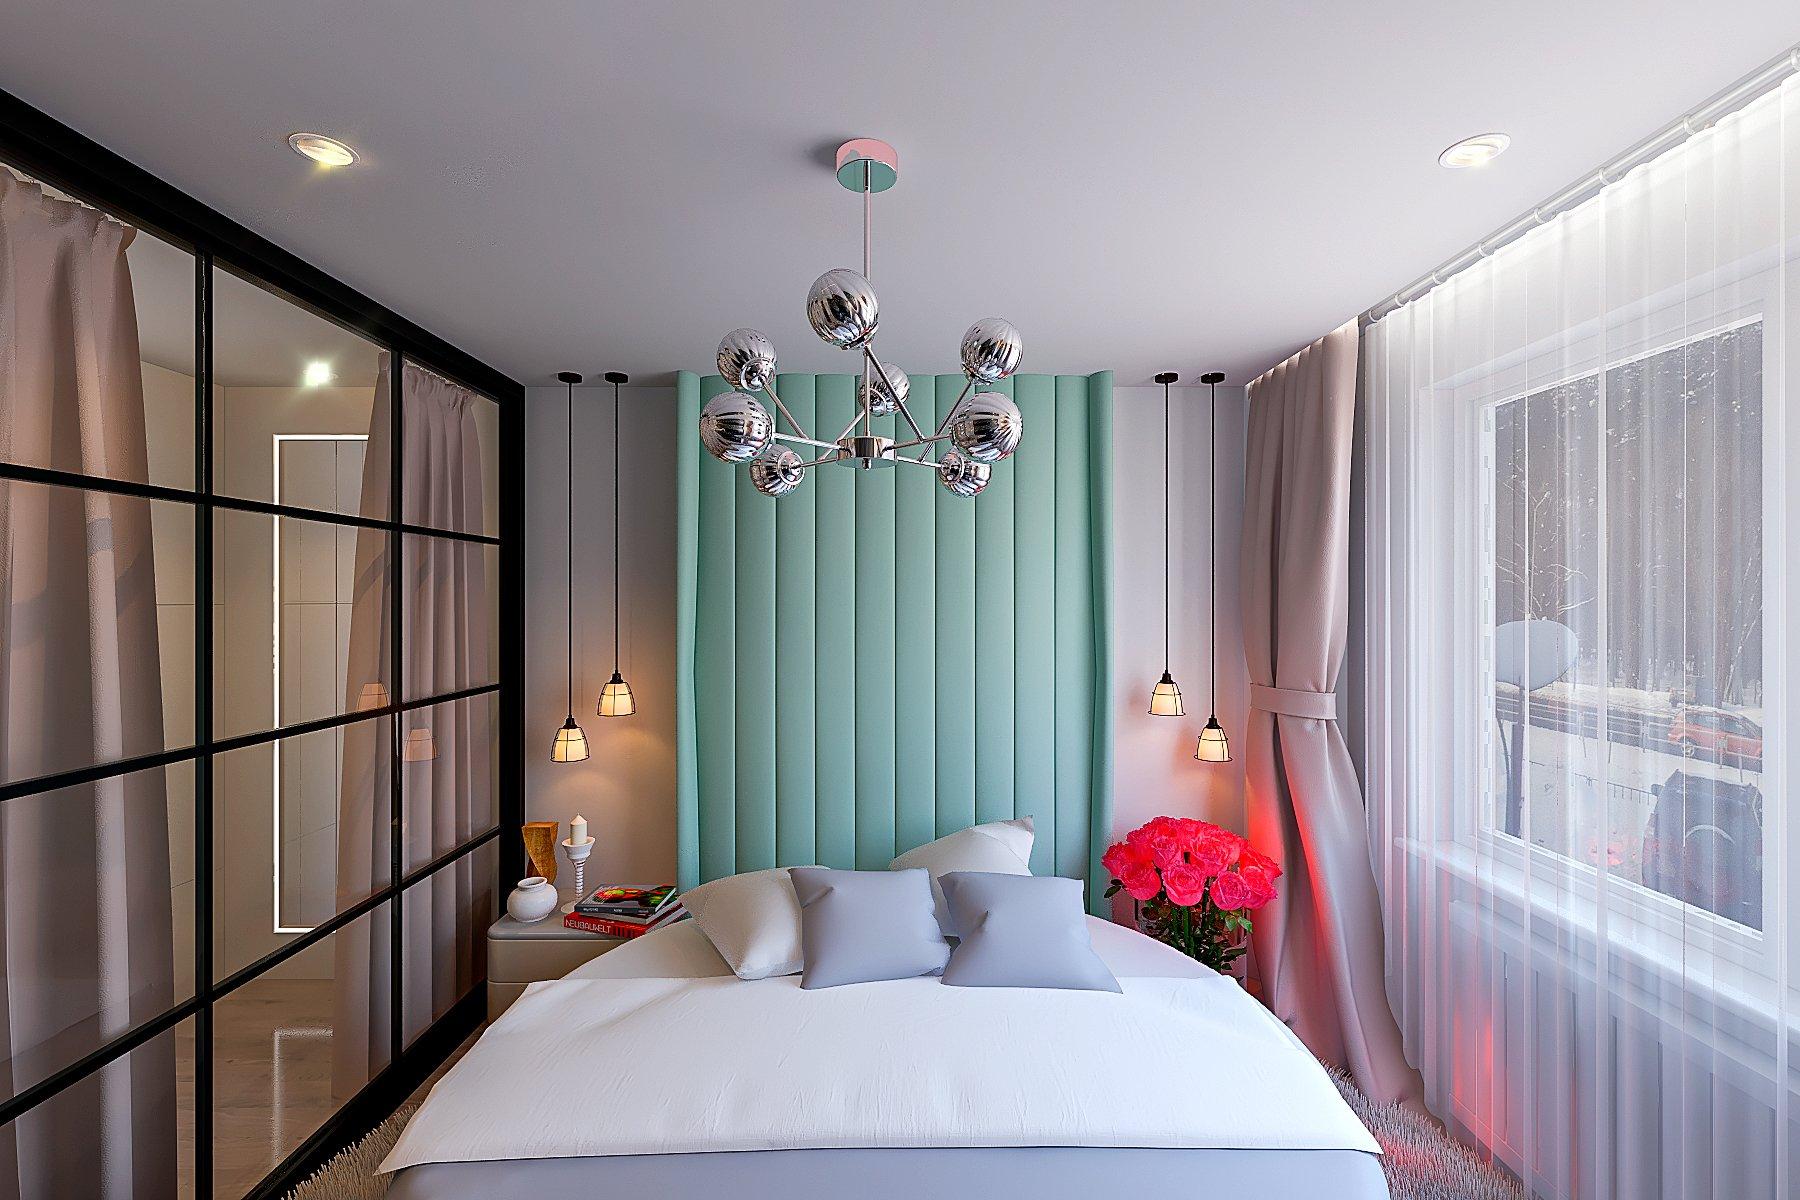 дизайн интерьера спальни, вид на круглую кровать, подвесные светильники теплого цвета, мягкое изголовье за кроватью до потолка, вид 1